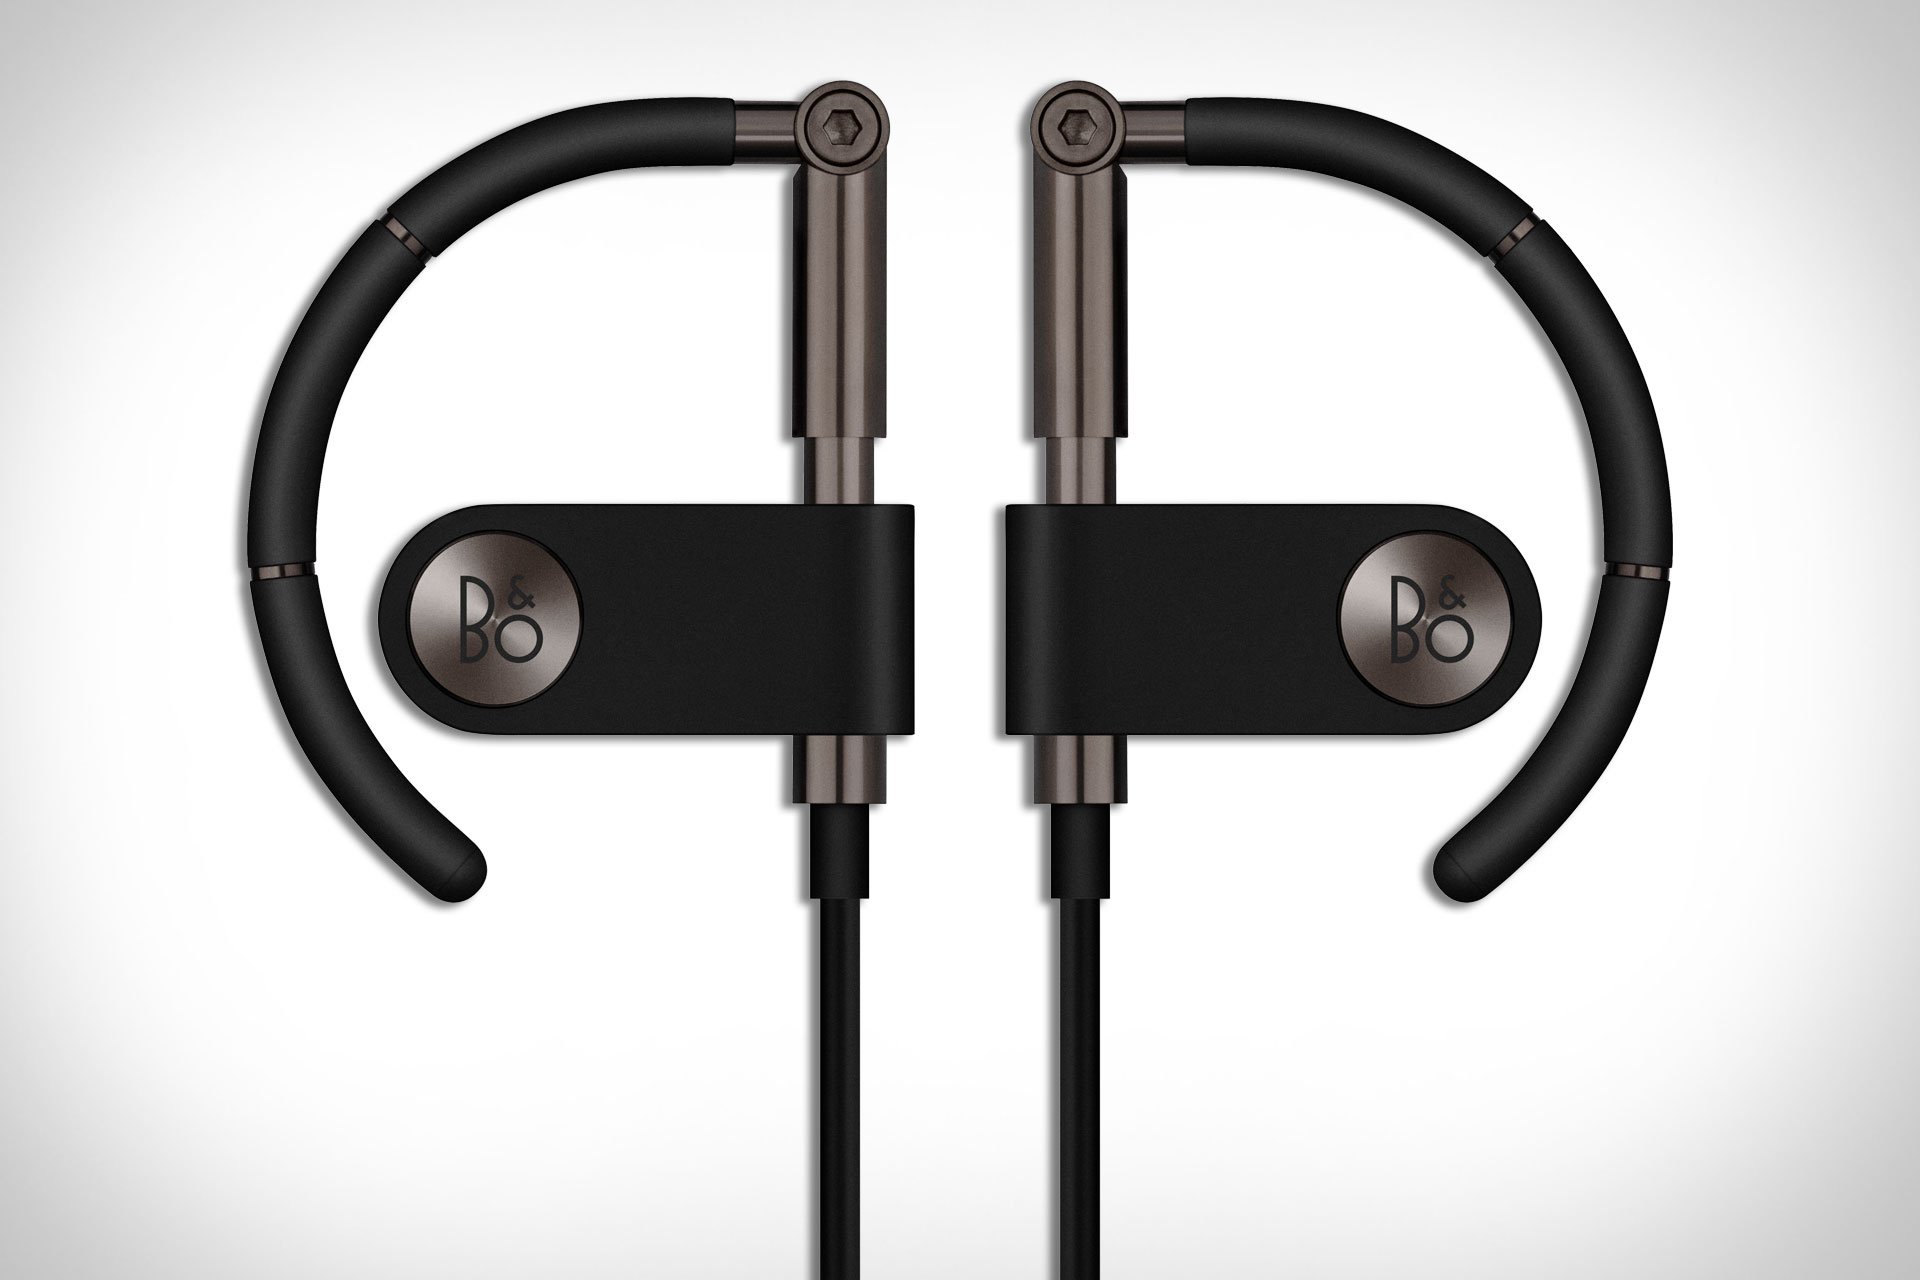 Bang & Olufsen BeoPlay Earset Wireless Earphones